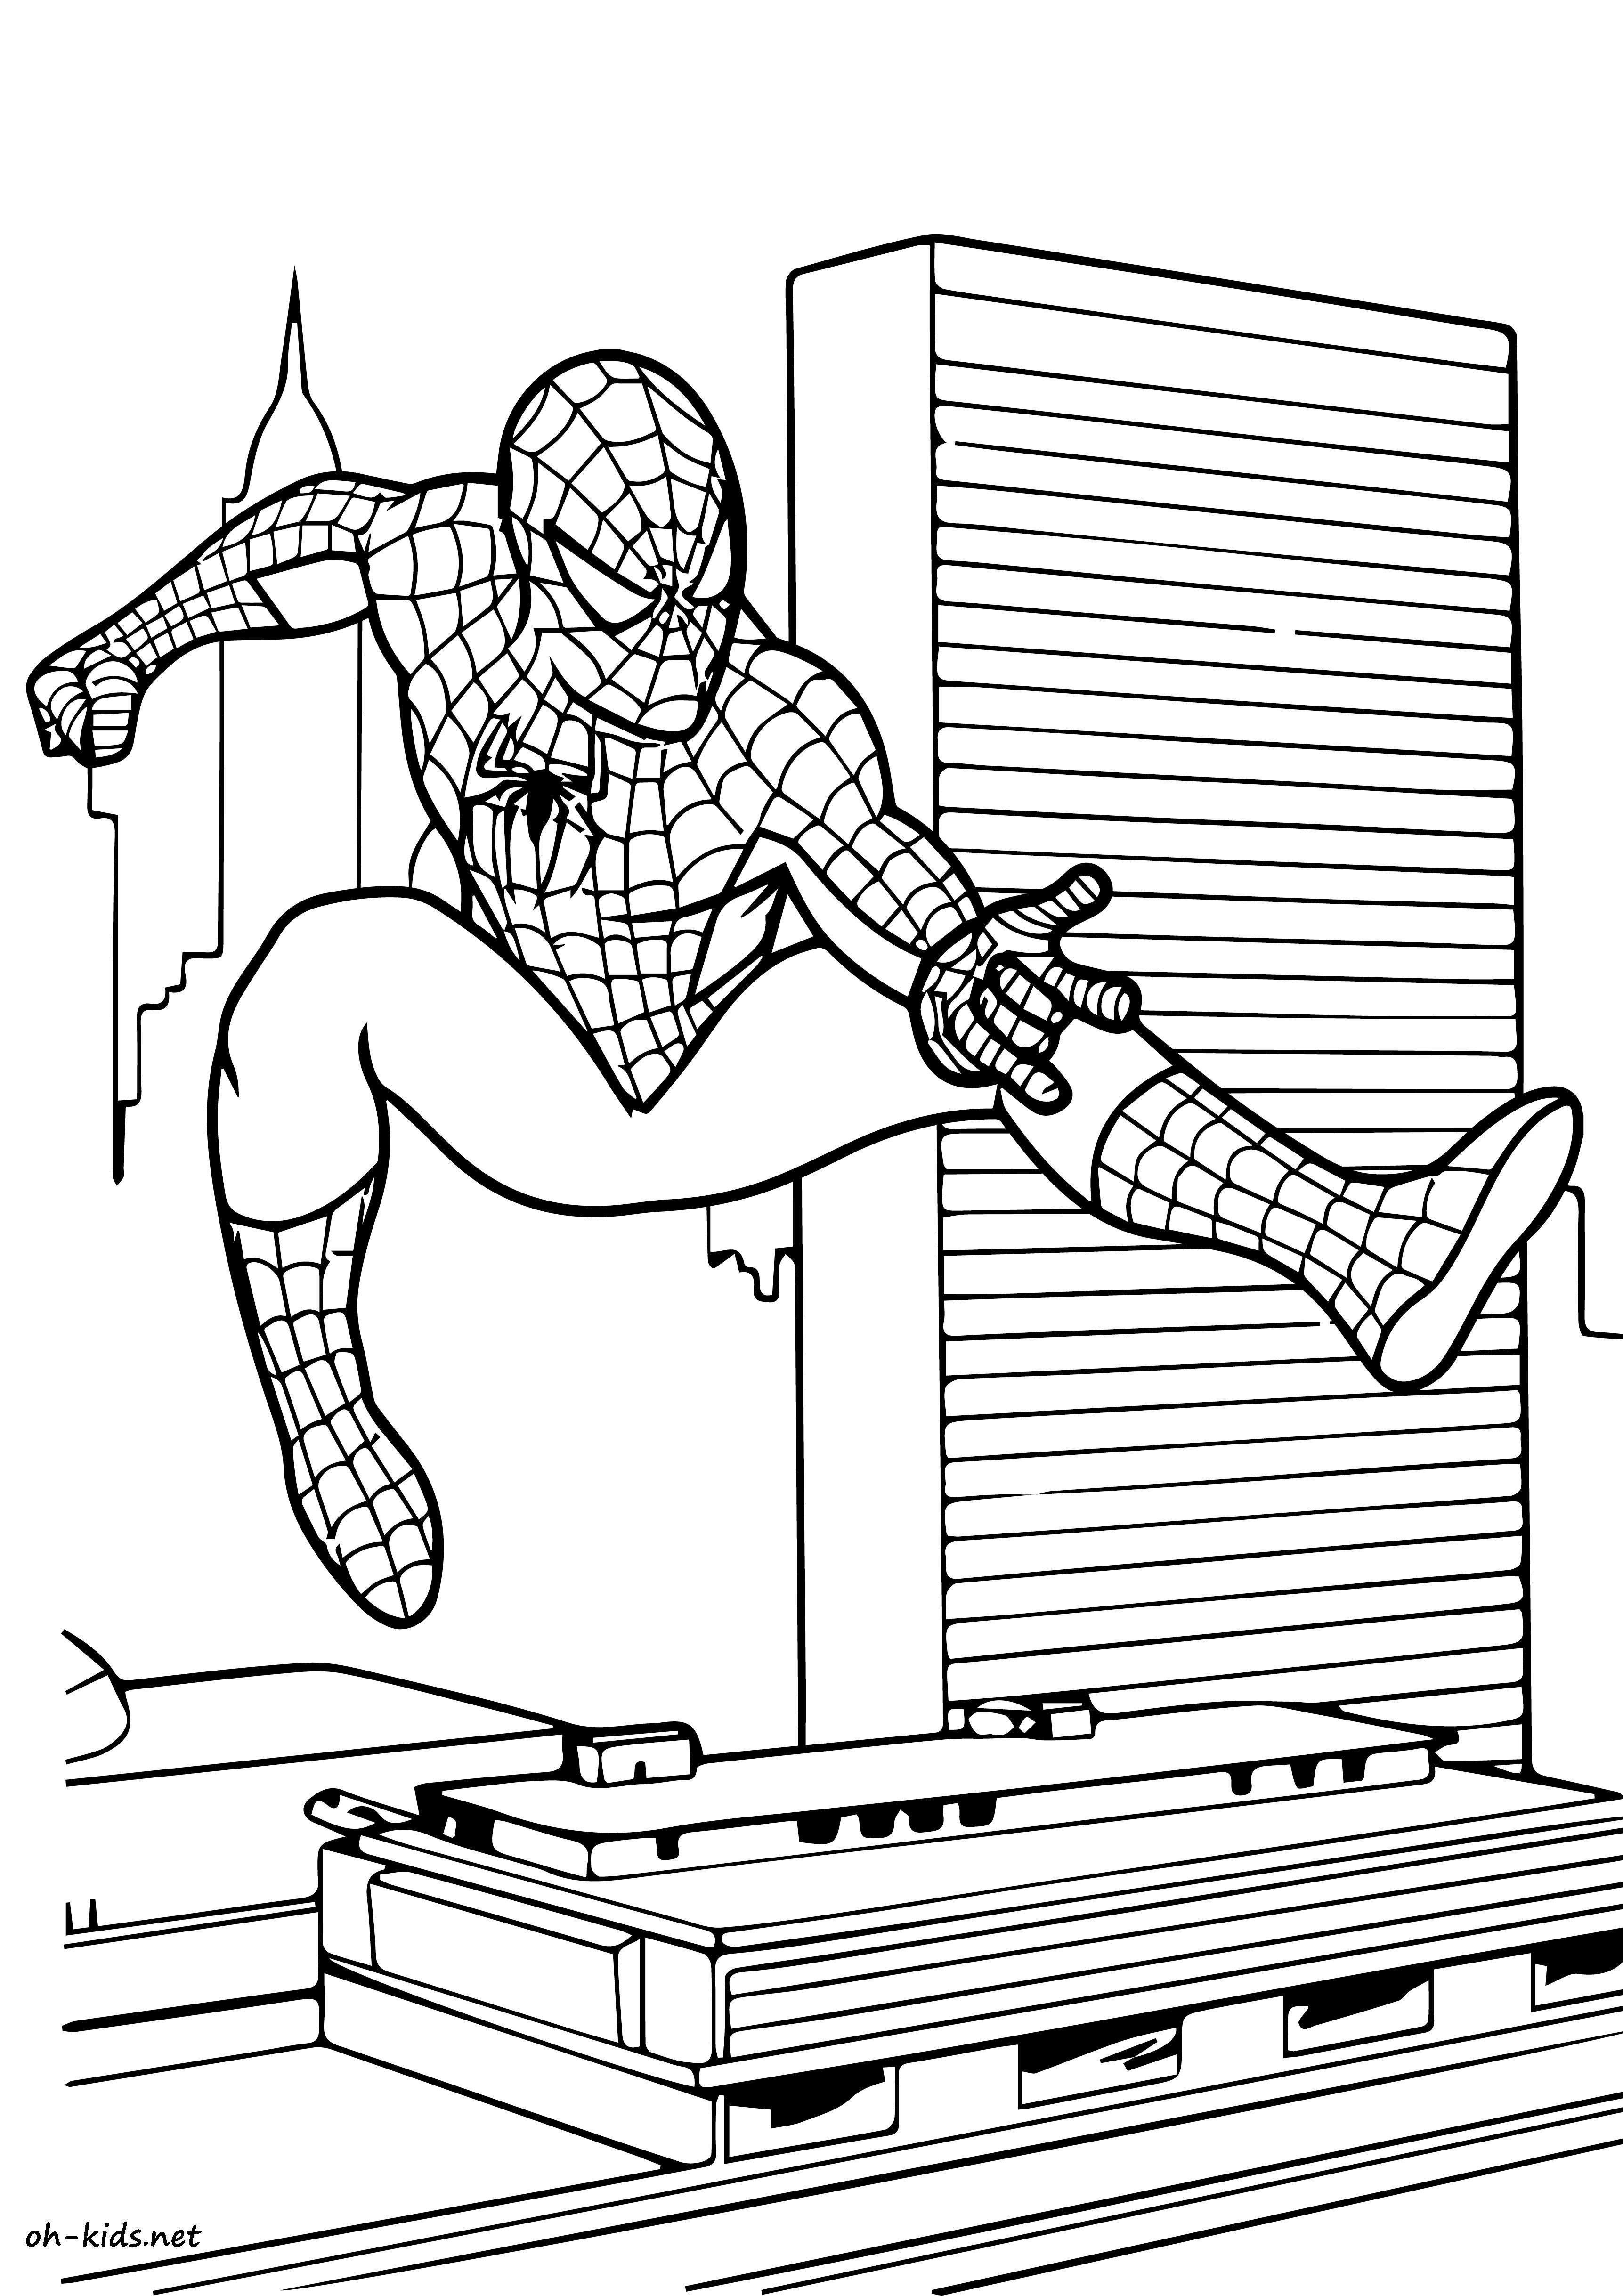 Frais Coloriage A Imprimer Spiderman | Imprimer et Obtenir une Coloriage Gratuit Ici